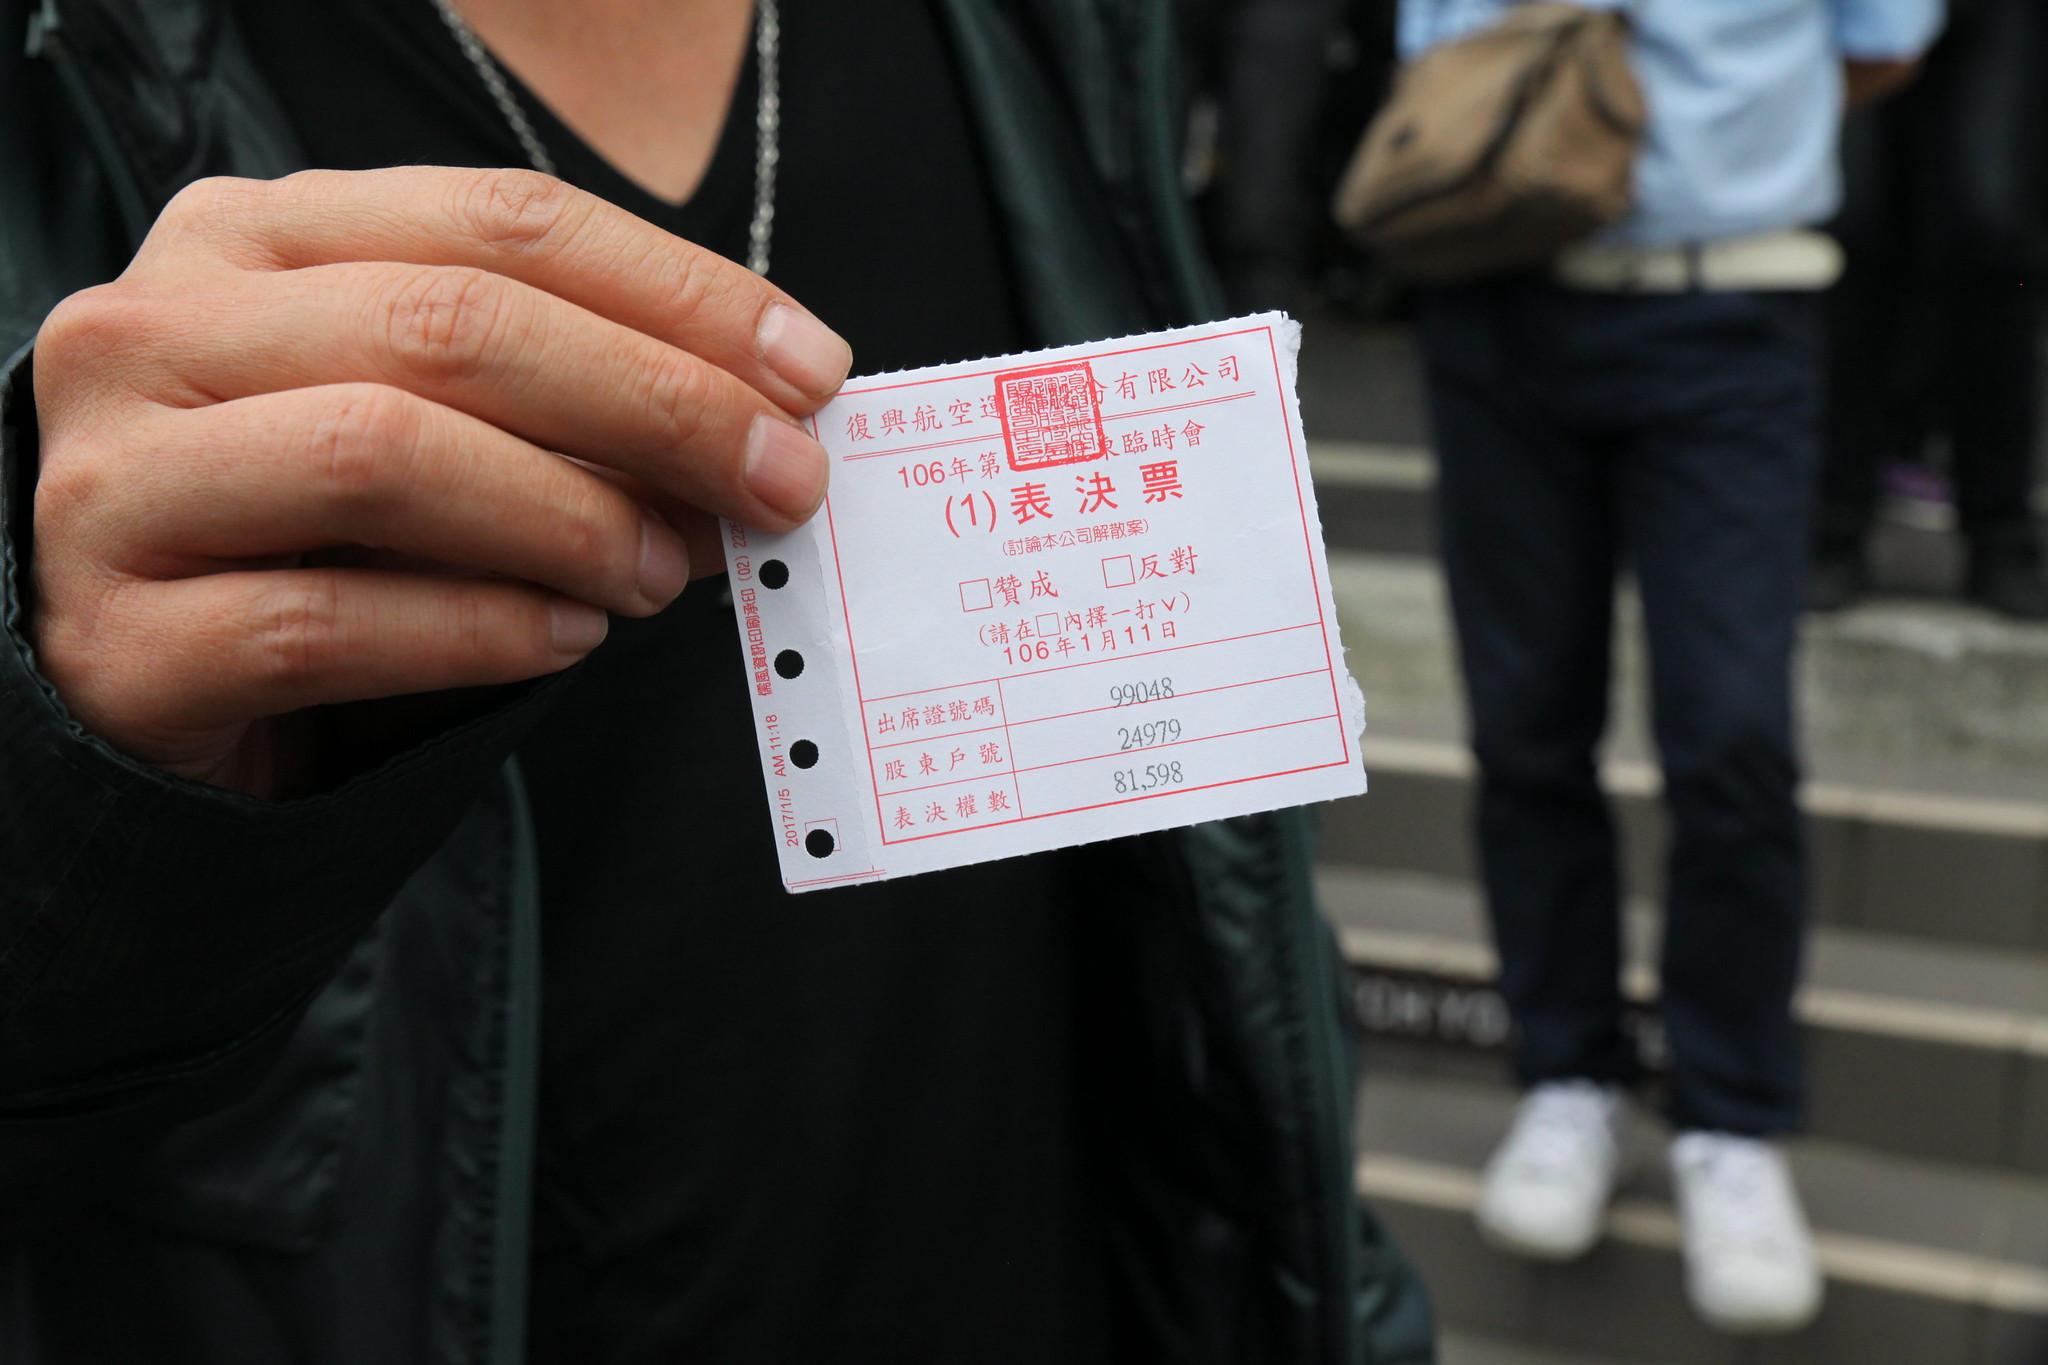 小股東手持第一案選票,表示根本沒有時間投票,會議就公布投票結果了。(攝影:陳逸婷)